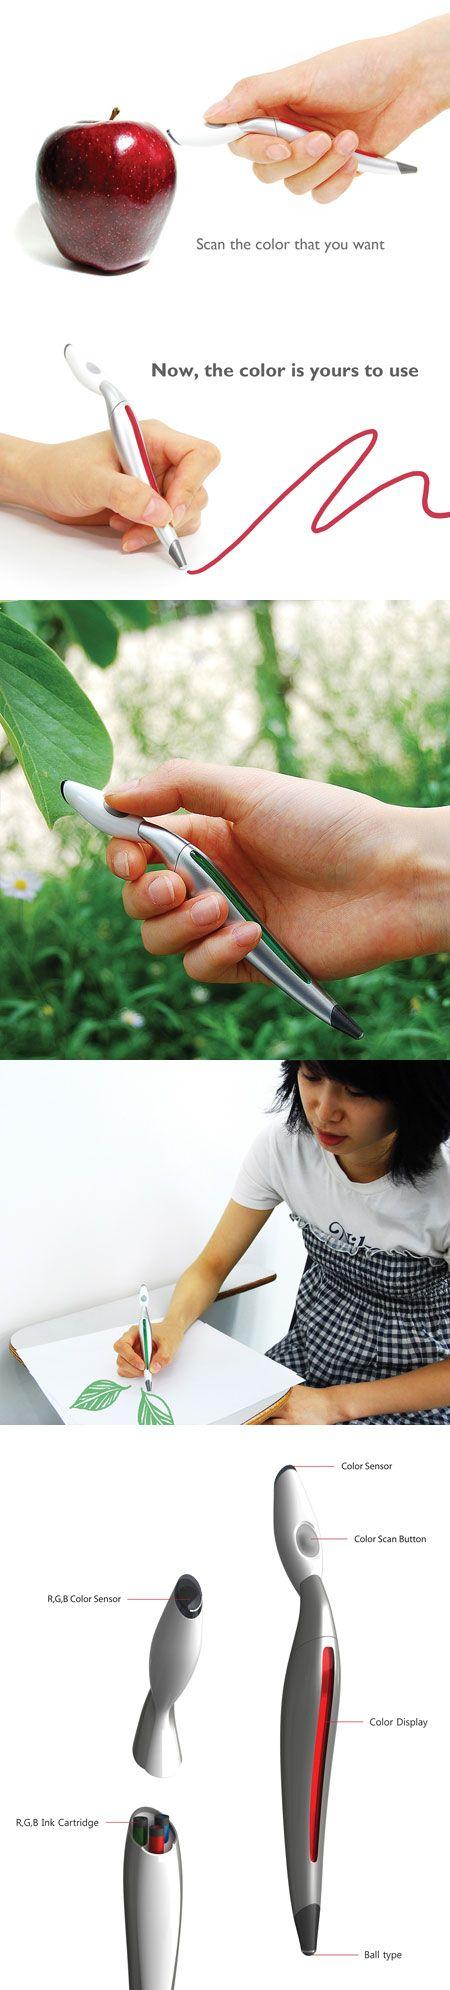 Un stylo pour capturer les couleurs de votre environnement et les utiliser dans vos croquis